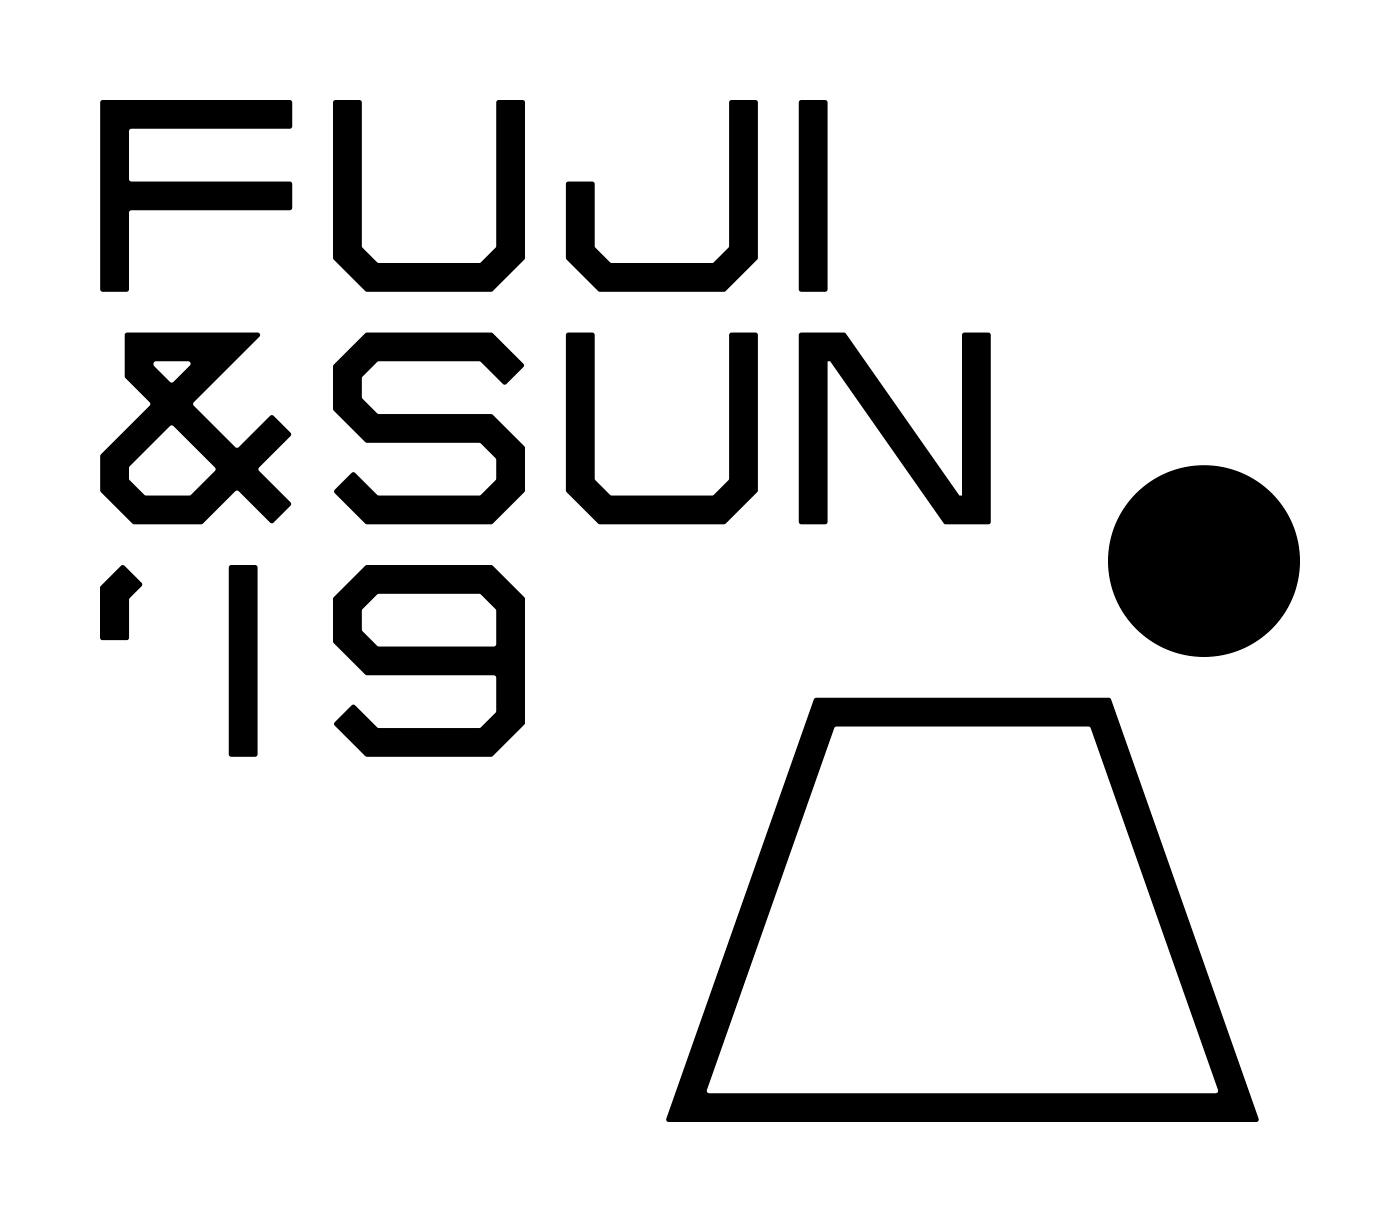 fjsn_logo_1.jpg